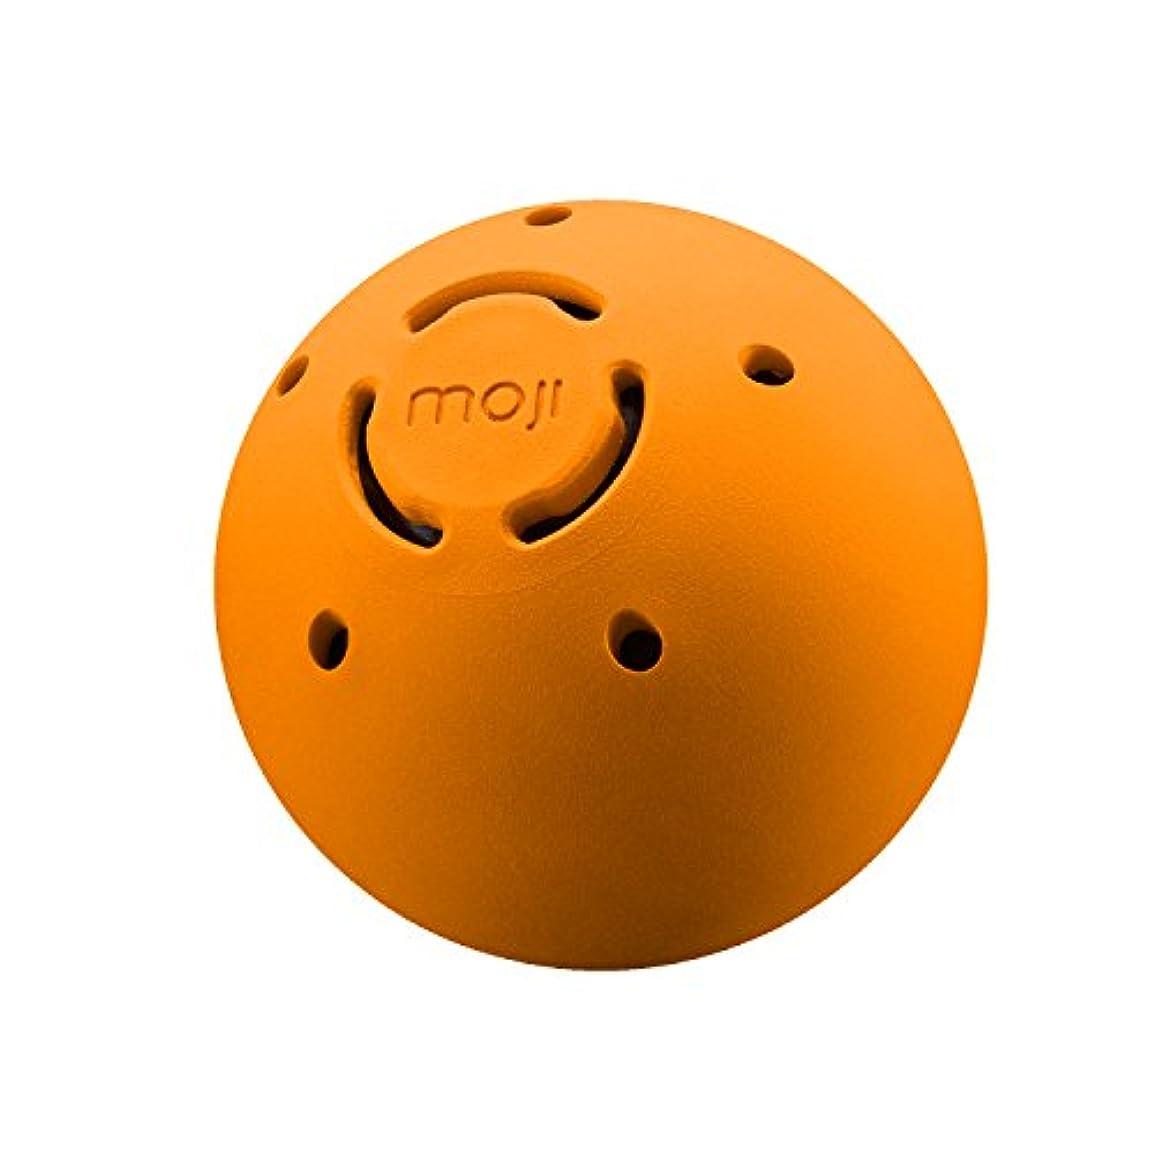 屋内で素晴らしさ保全温熱 マッサージボール 筋肉の痛み 筋肉をほぐす 血流促進 MojiHeat Massage Ball (Large)